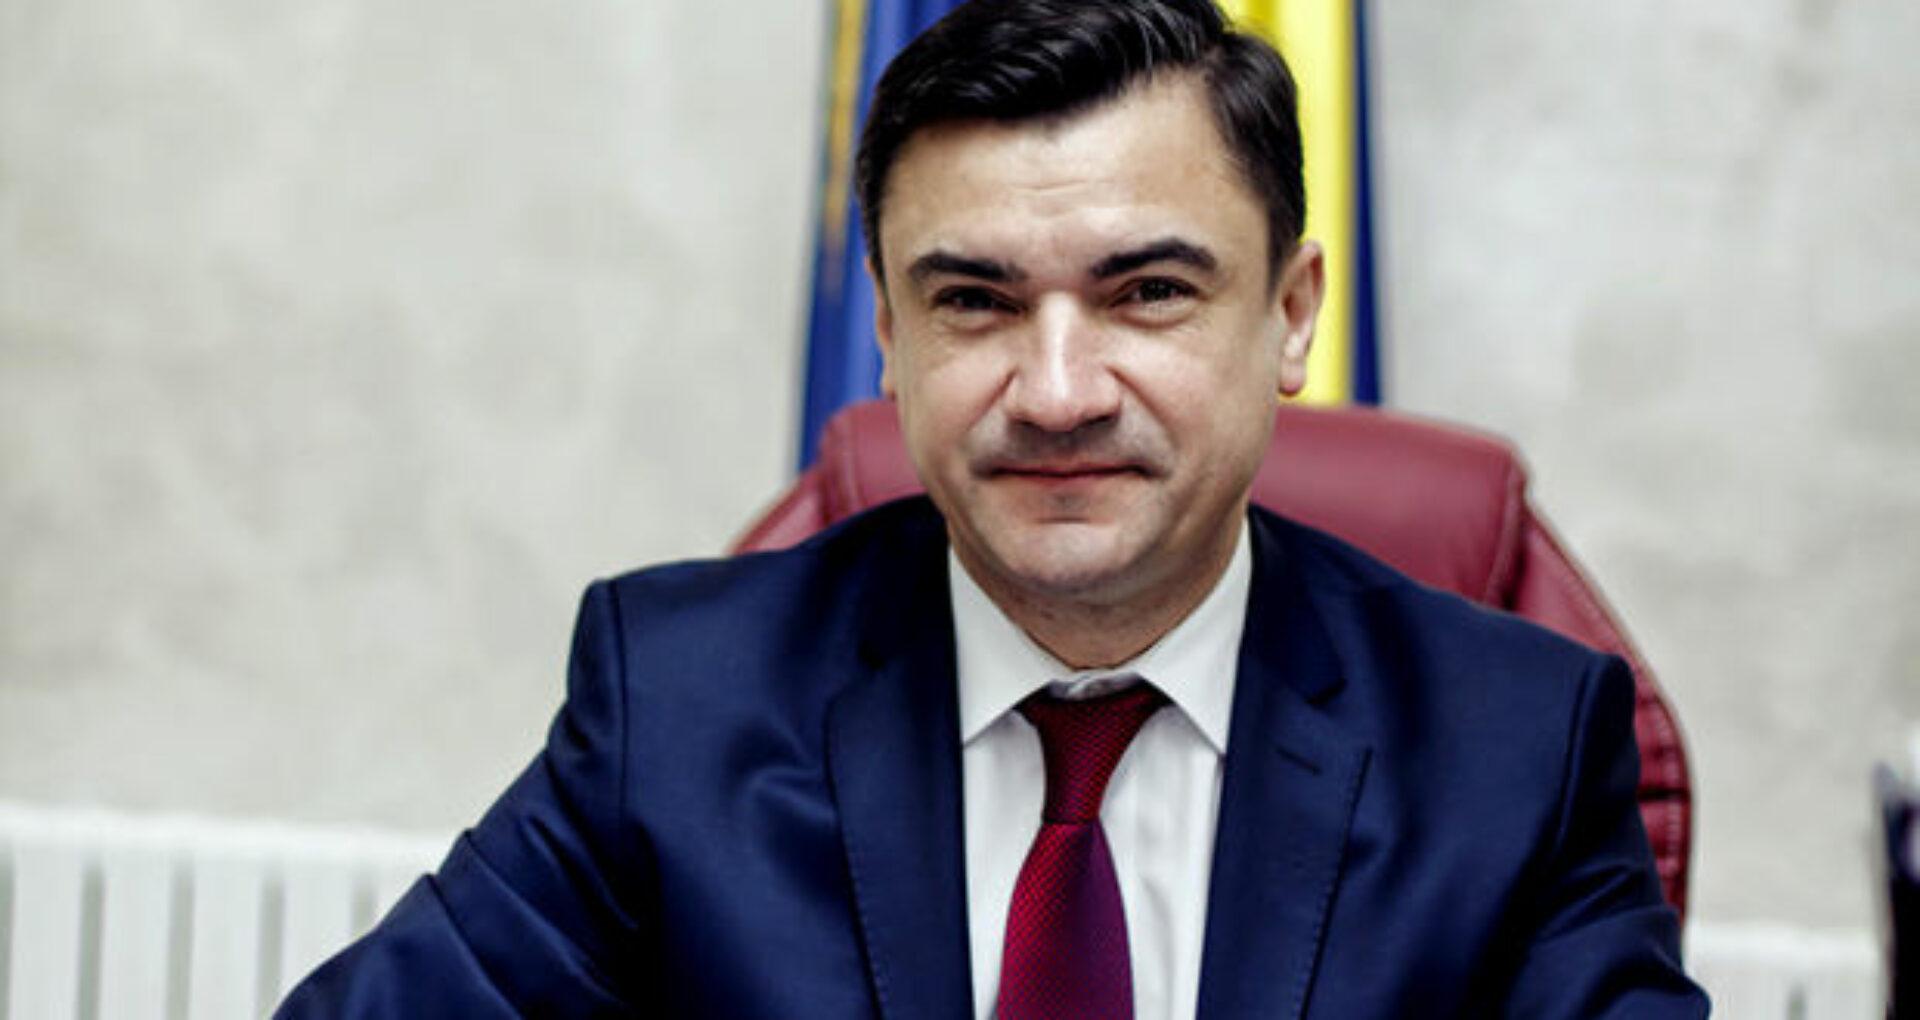 """Mesajul primarului de Iași, Mihai Chirica, pentru premierul Ion Chicu: """"Nu suntem supărați, și știți de ce? Pentru că nu aveam și nu am avut așteptări de la domnia voastră"""""""